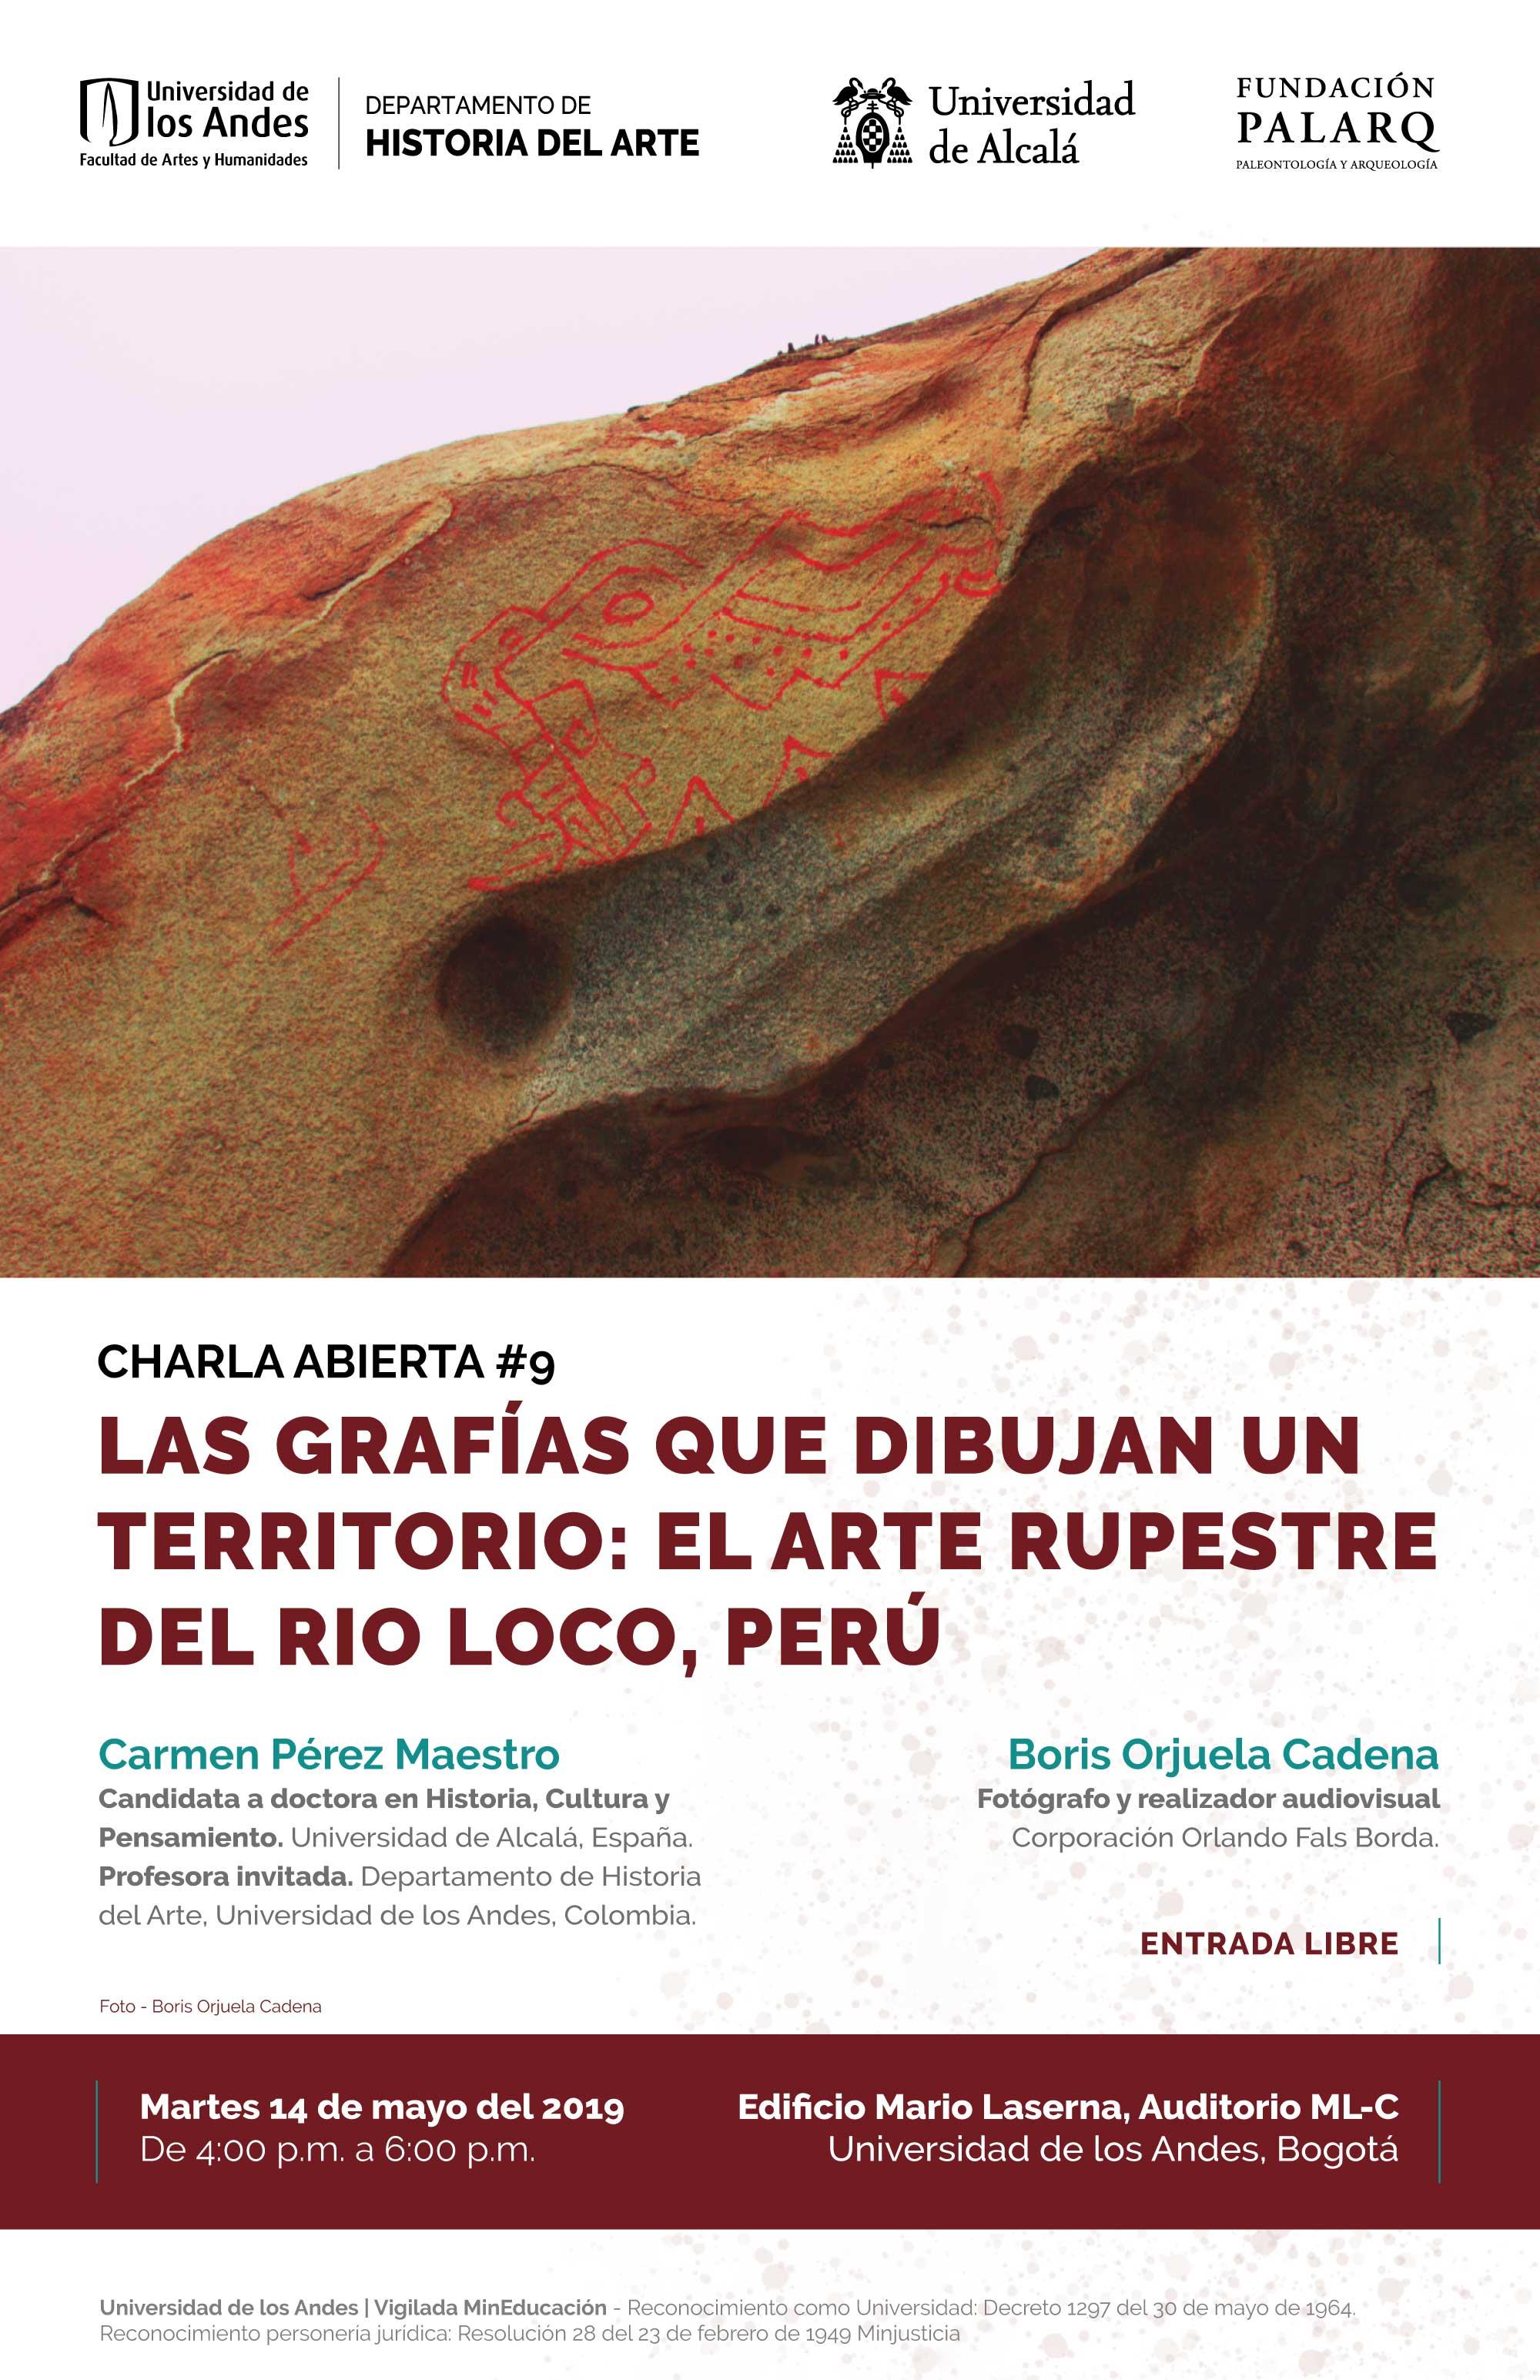 Charla abierta #9 – Las grafías que dibujan un territorio: el arte rupestre del Rio loco, Perú